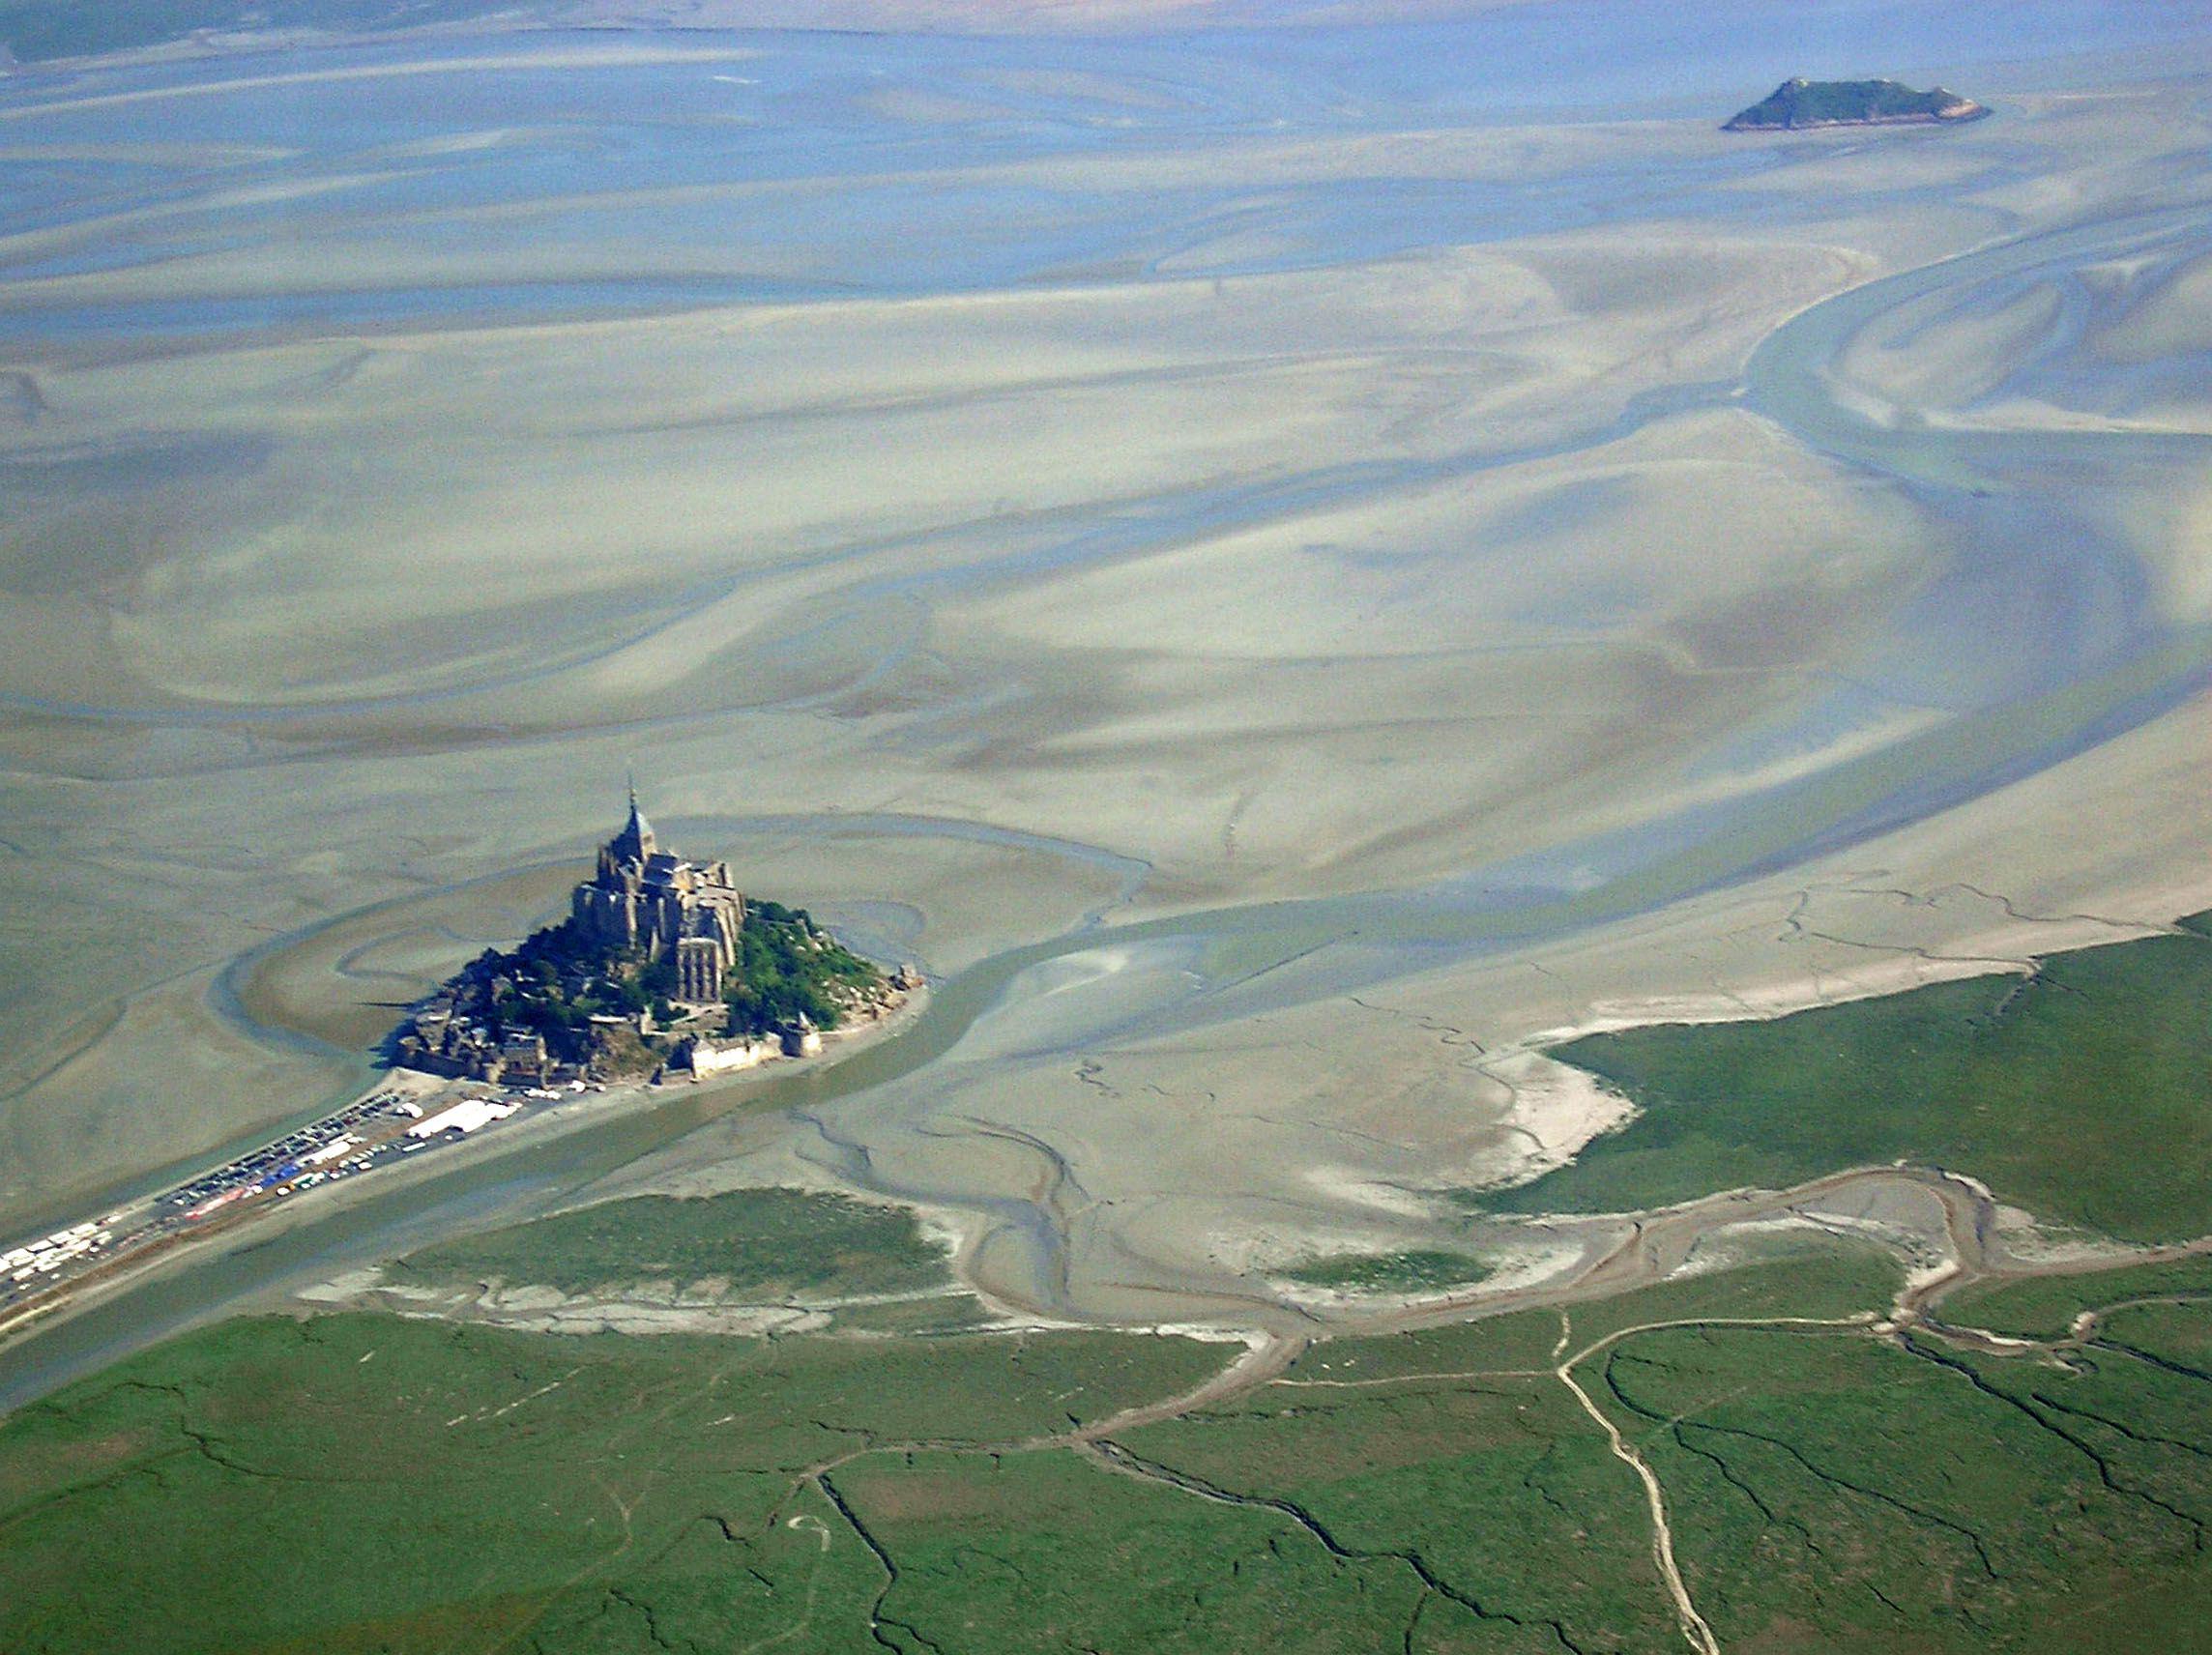 中世纪圣米歇尔山:海中的神圣城堡